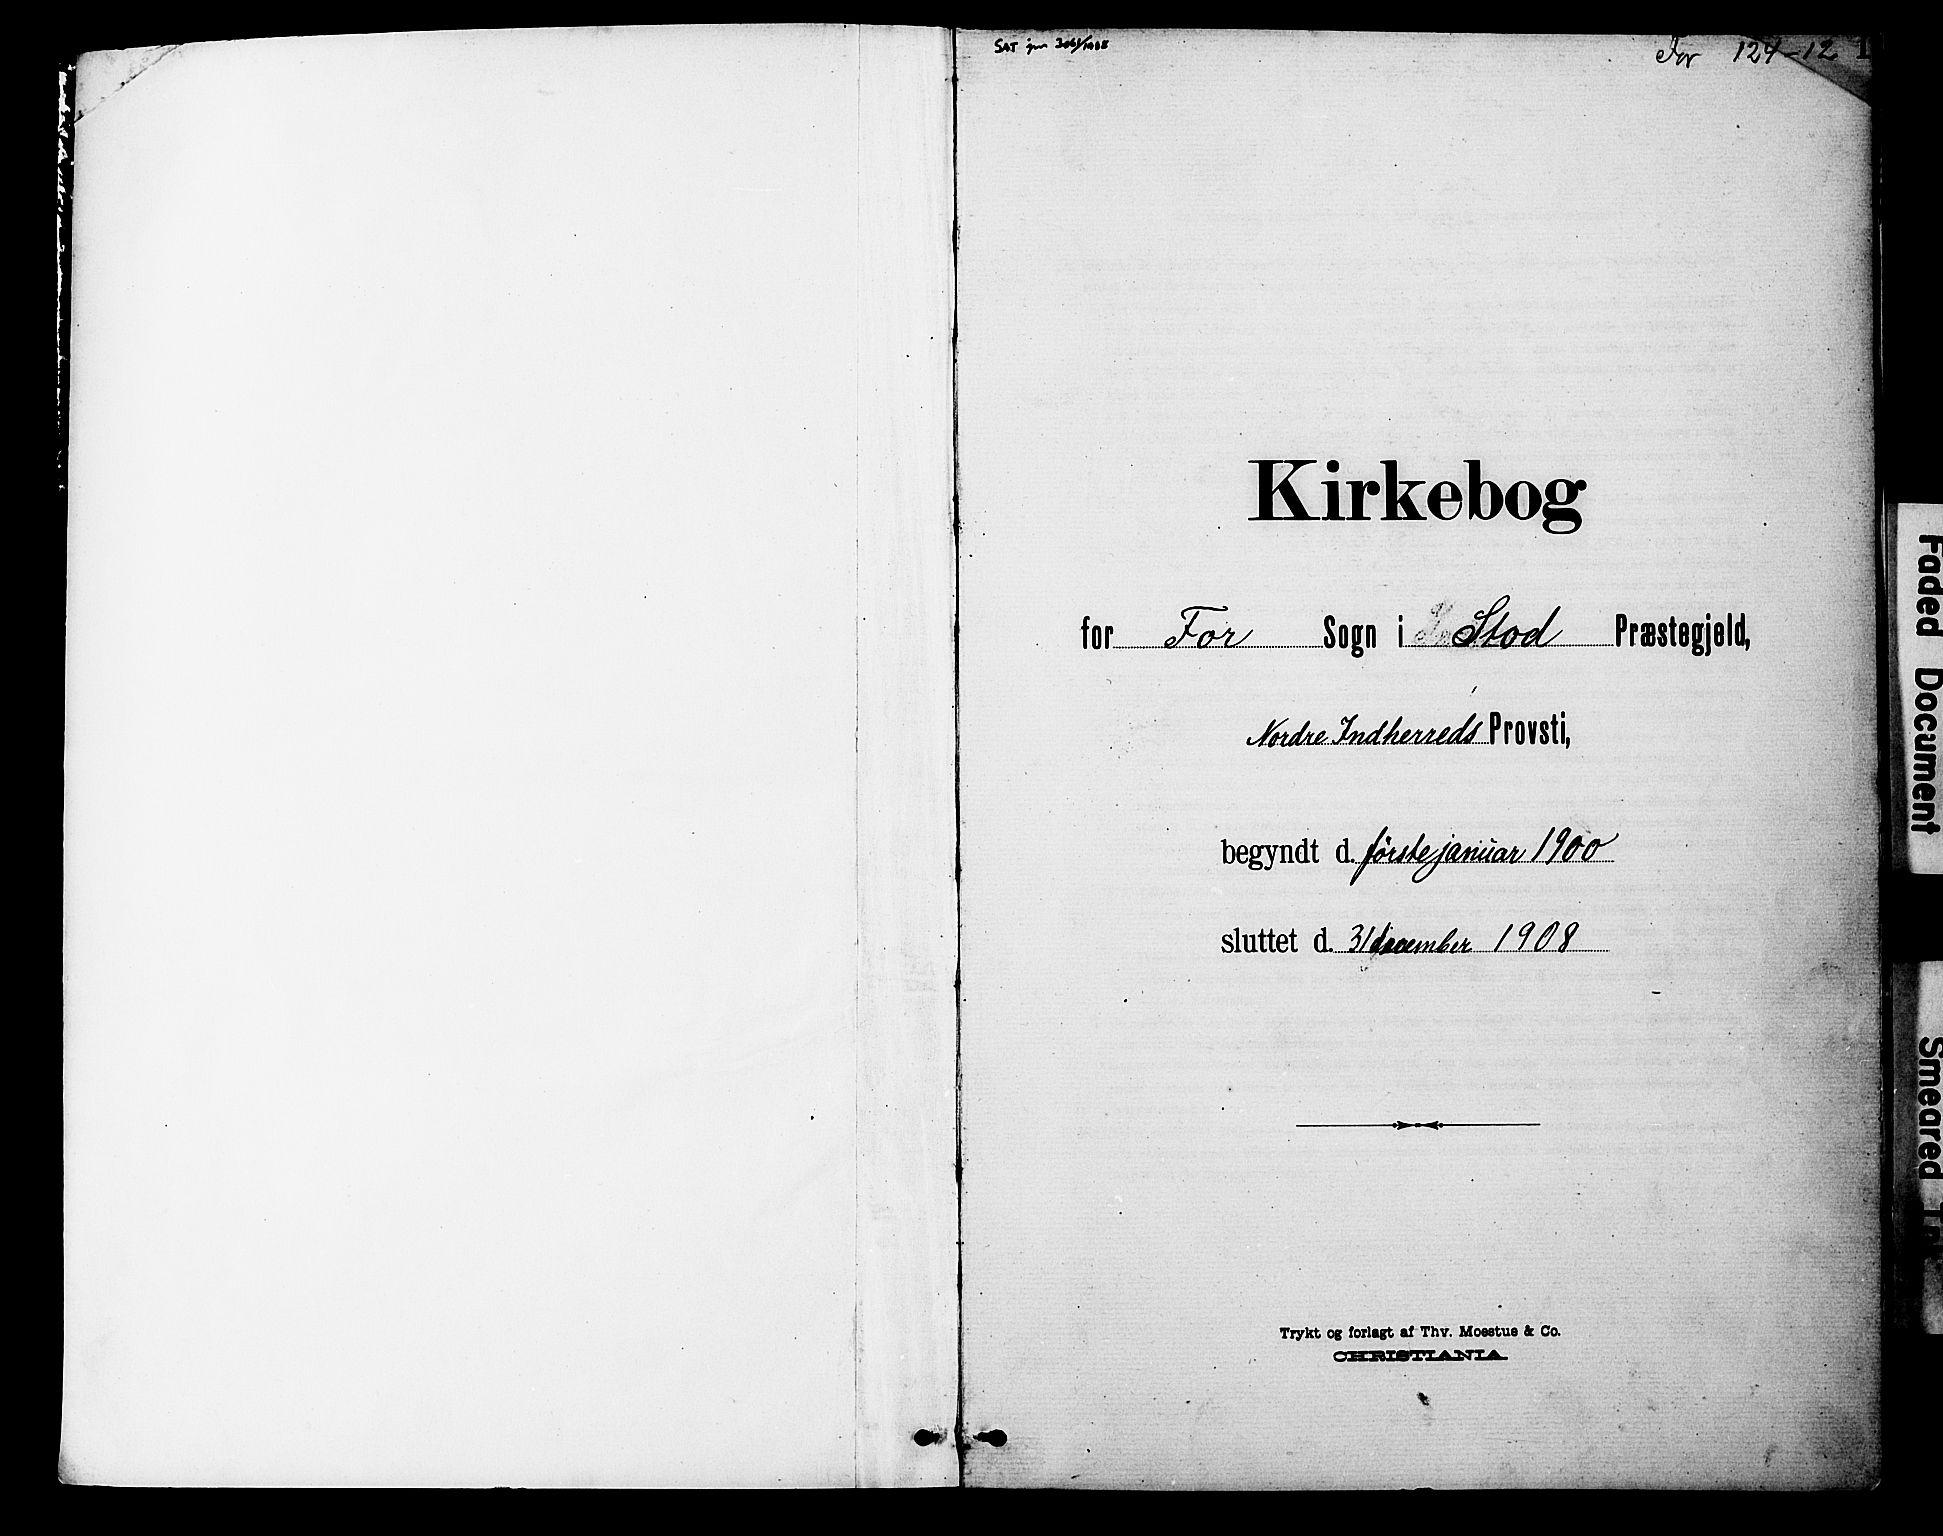 SAT, Ministerialprotokoller, klokkerbøker og fødselsregistre - Nord-Trøndelag, 746/L0452: Ministerialbok nr. 746A09, 1900-1908, s. 1